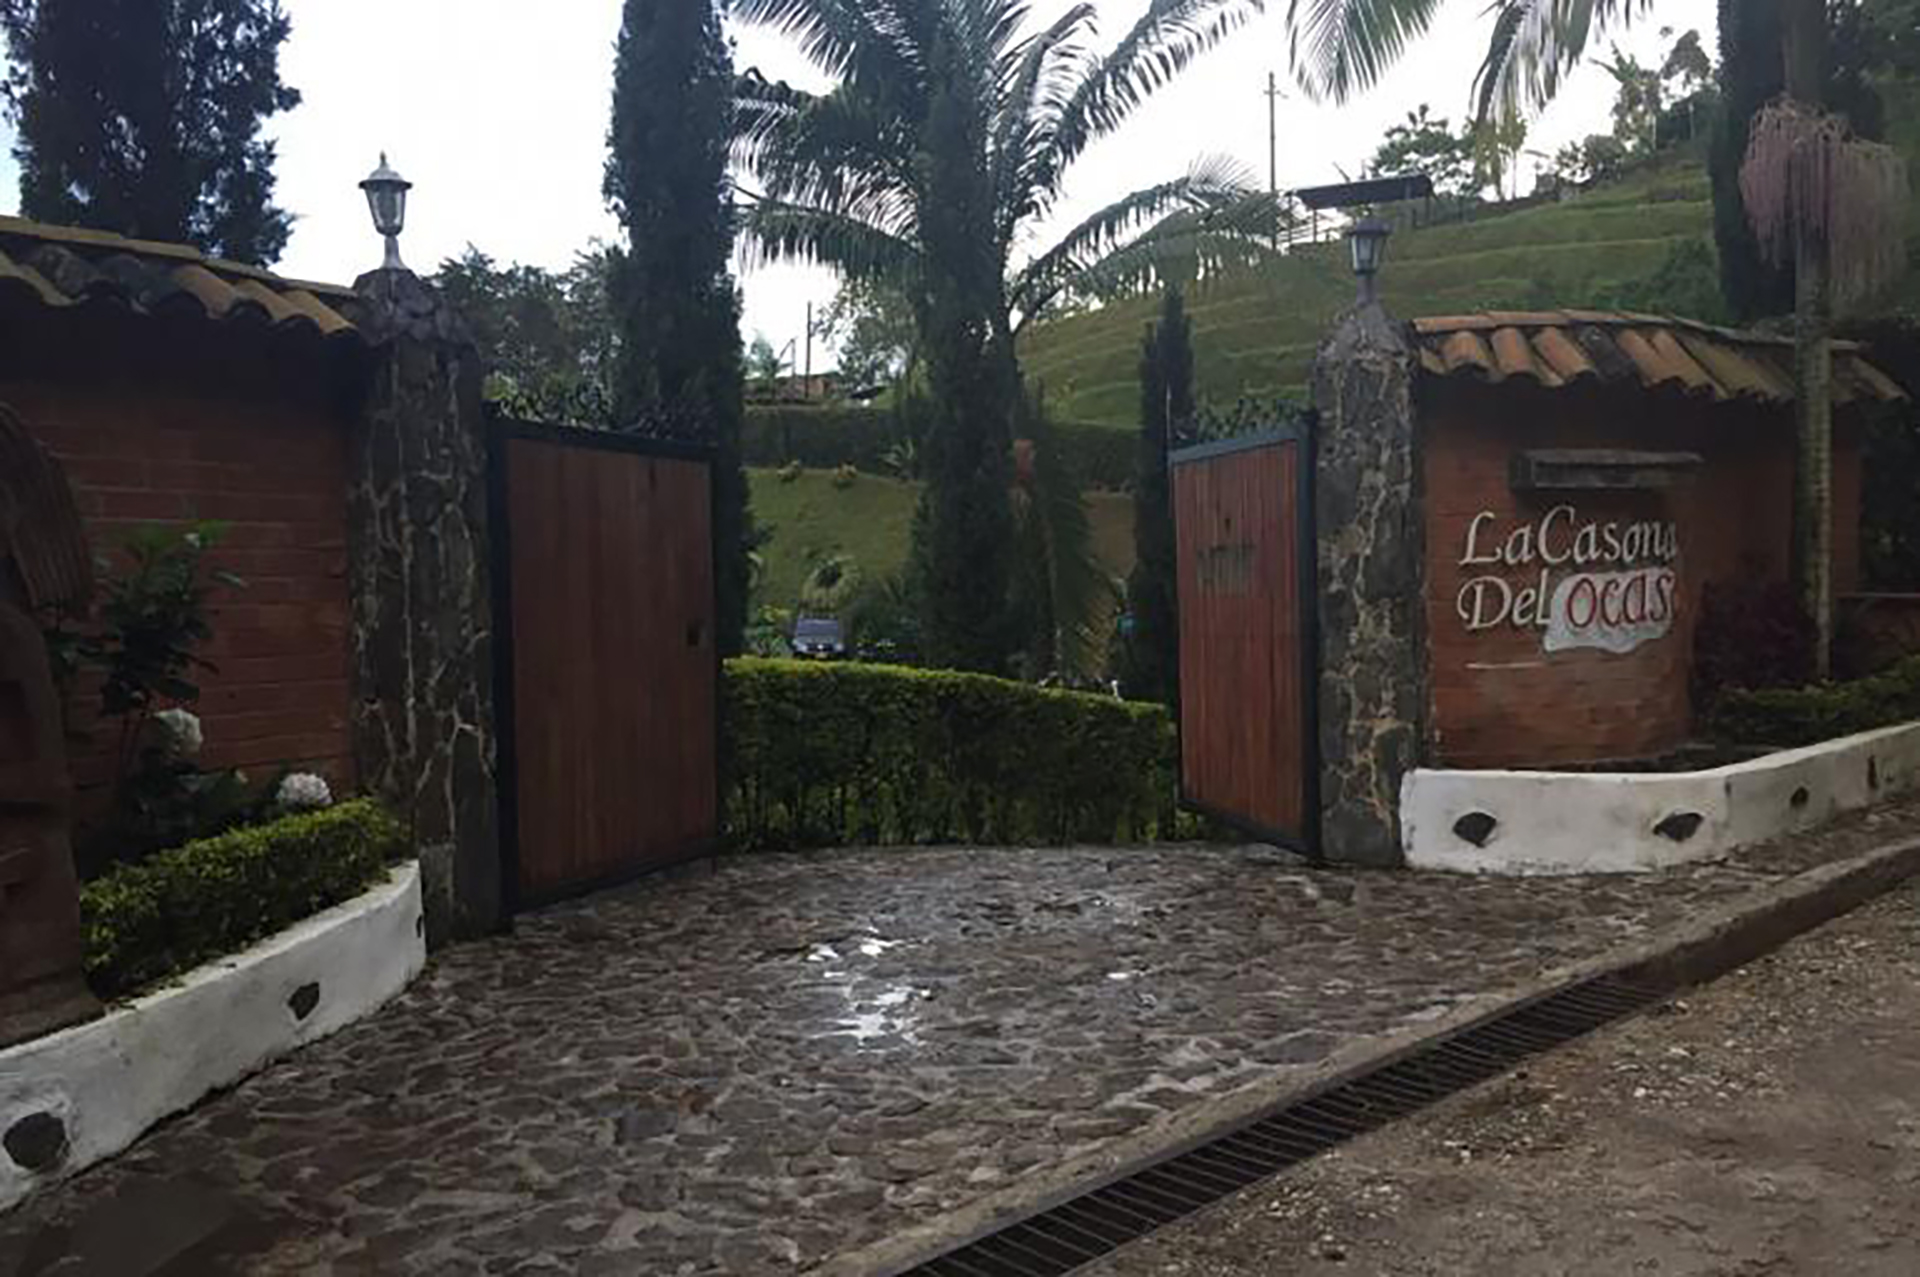 En la operación se incautaron 4 armas, 7 vehículos de gama alta, una lancha, efectivo en dólares y pesos colombianos y joyas, entre otros objetos